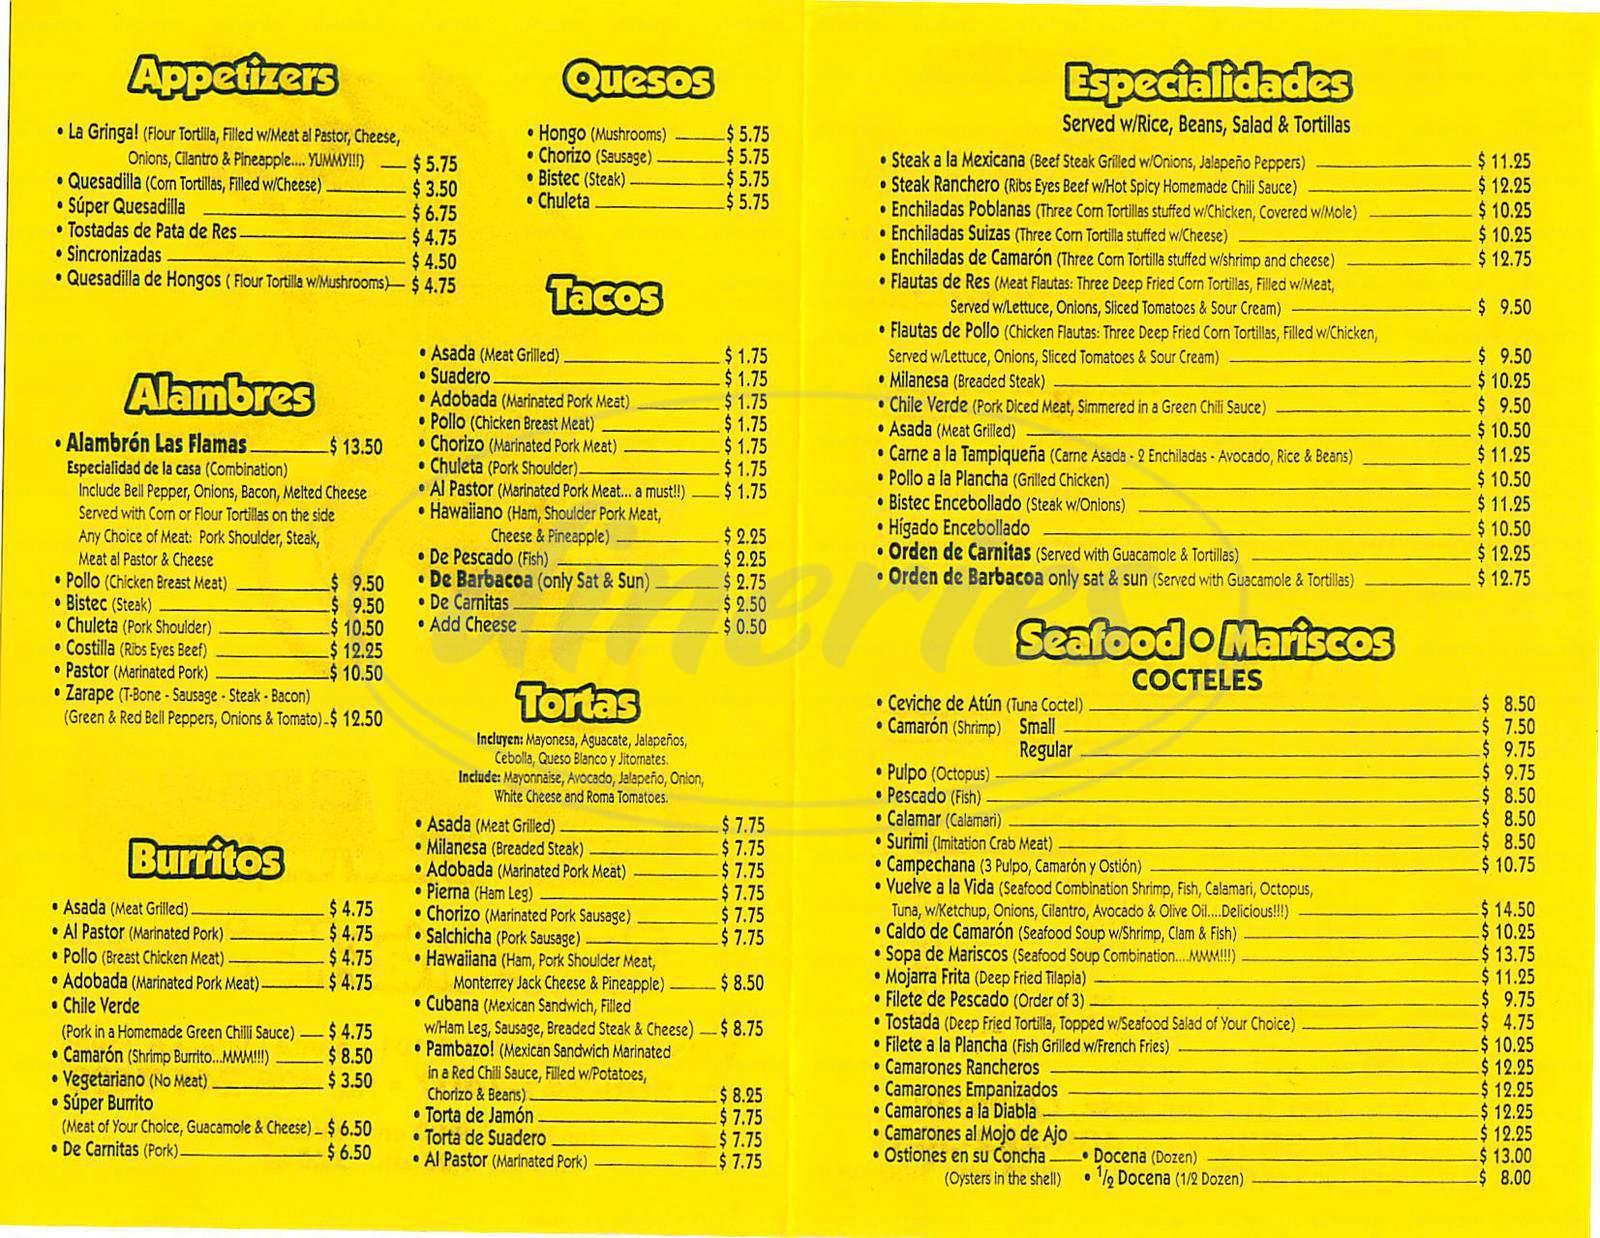 menu for Las Flamas